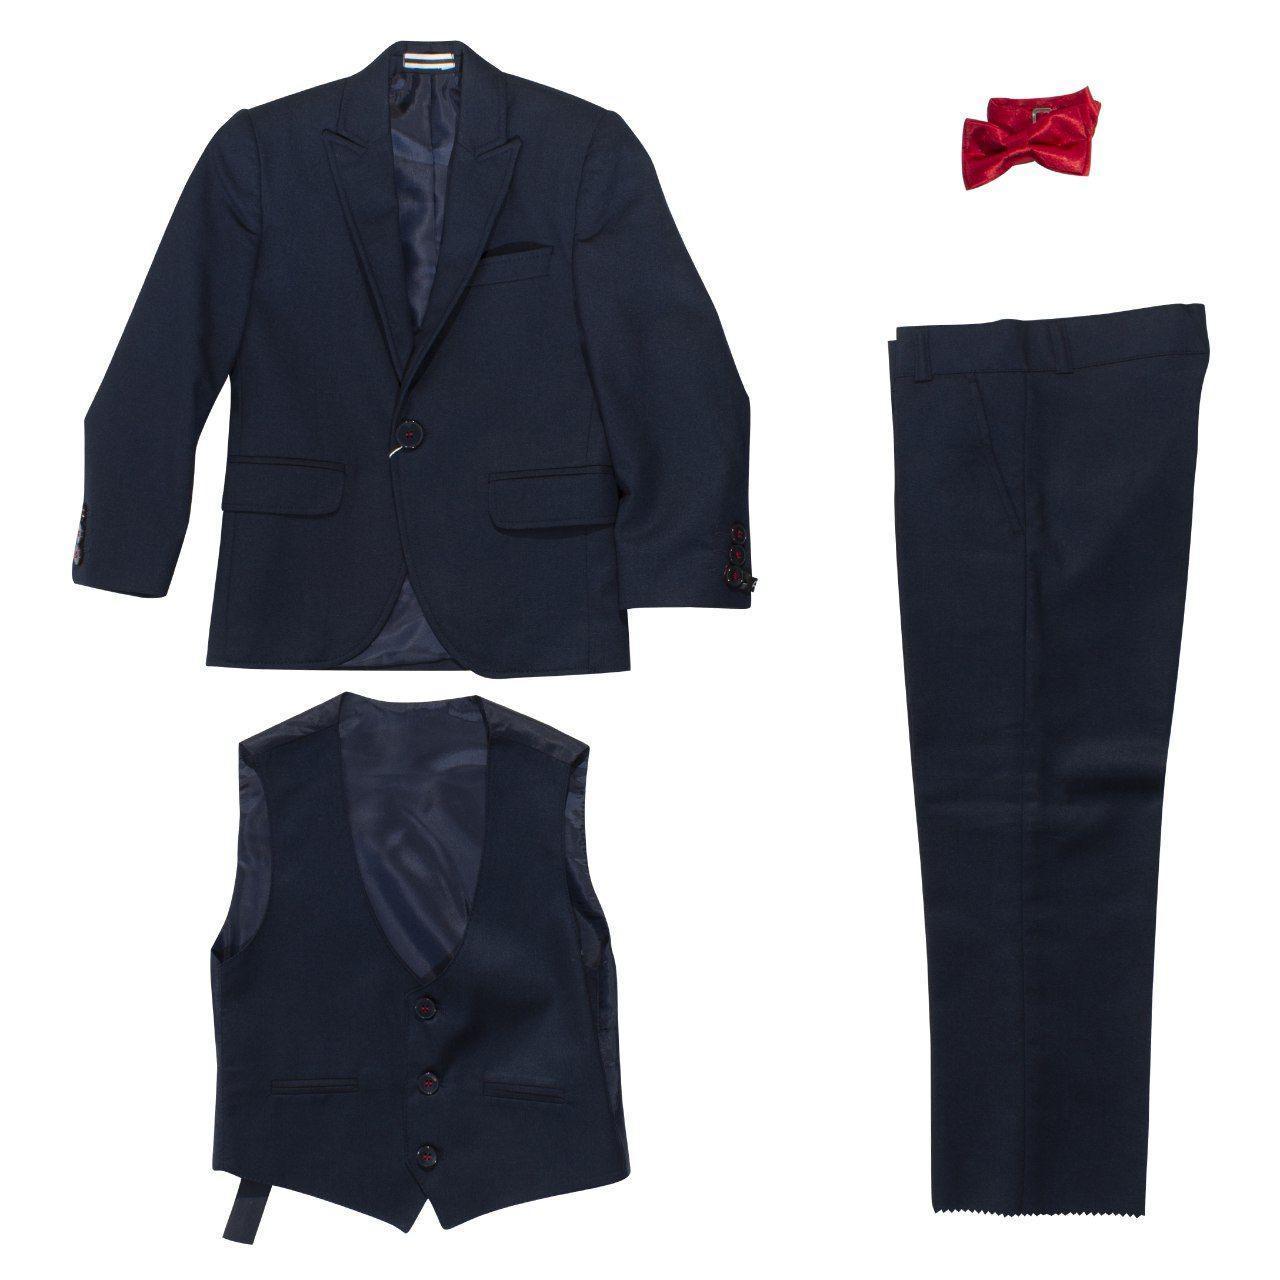 Нарядний костюм для хлопчика, 80, 92, 98 см